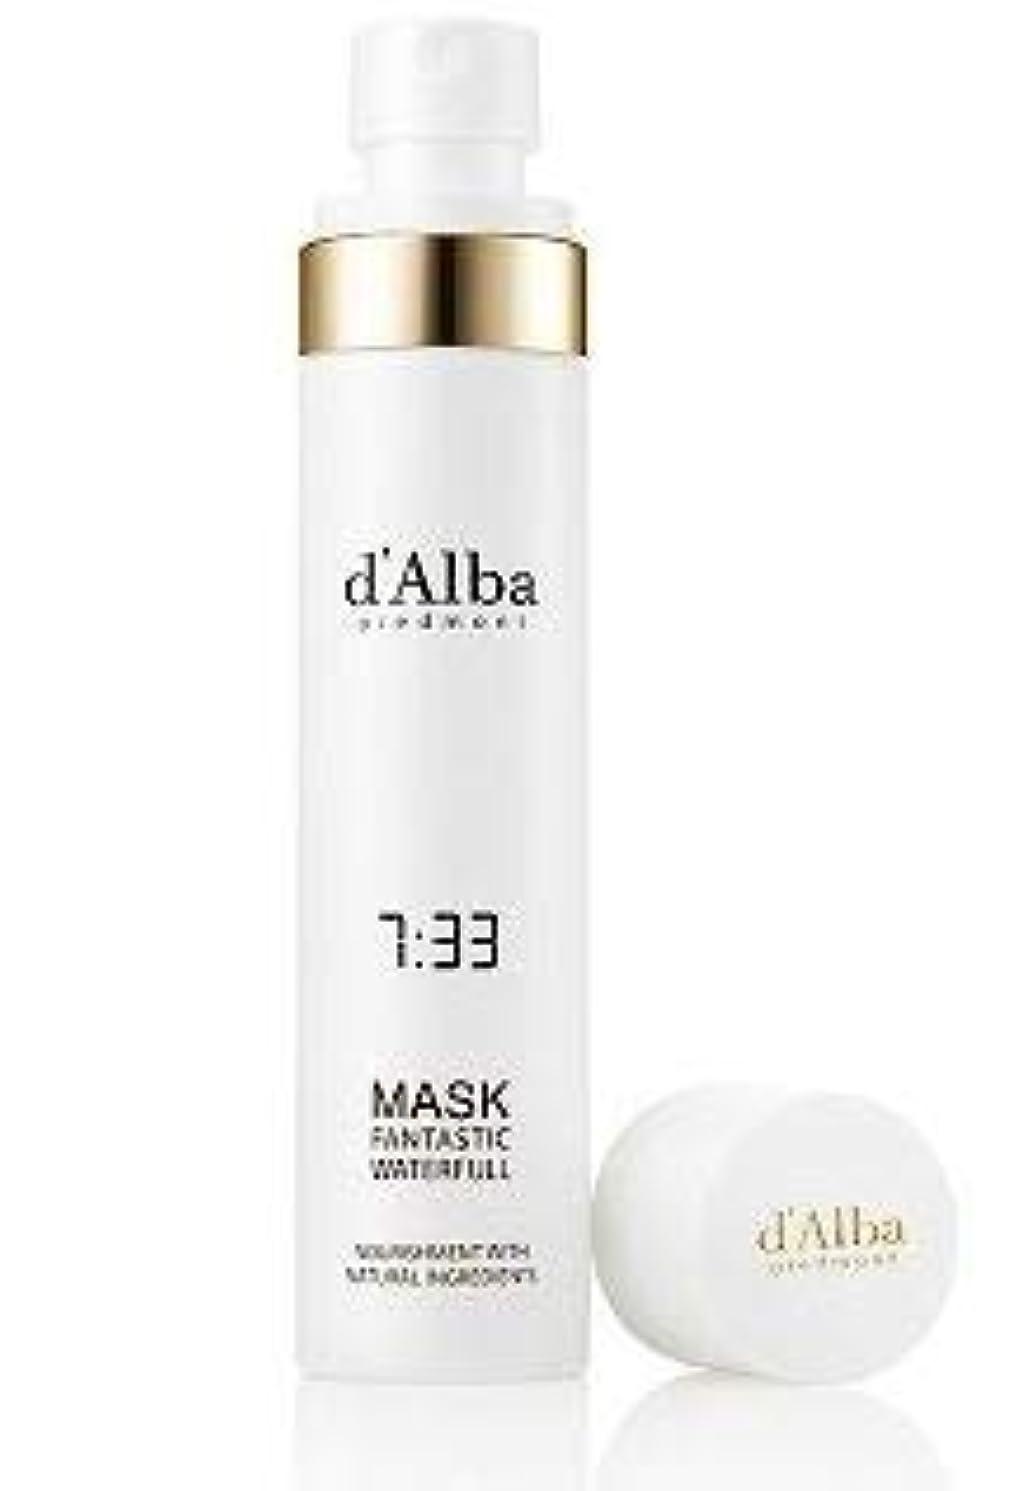 不適切な同行教育者[dAlba] Fantastic Waterfull Spray Mask 100ml /[ダルバ] ファンタスティック ウォーターフォール マスク100ml [並行輸入品]